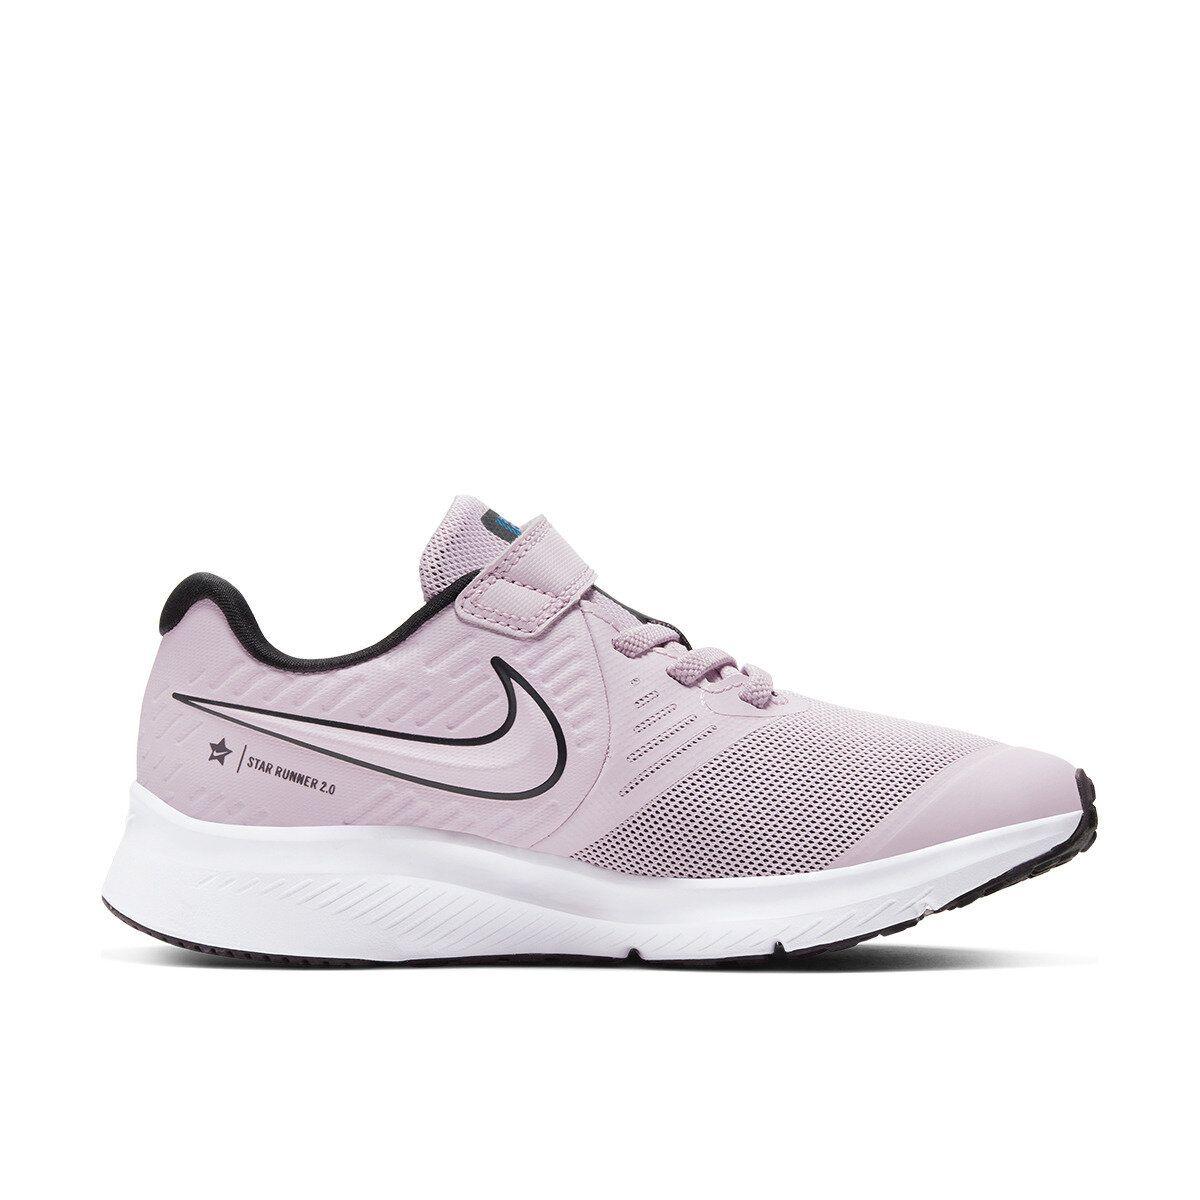 Nike Star Runner 2 Lila Kiz Cocuk Kosu Ayakkabisi Lila Kiz Cocuk Cocuk Yaz Urunleri Size Ozel Indirim Taksit Ve Kapida Odeme Avantajiy 2020 Nike Ayakkabilar Kizlar